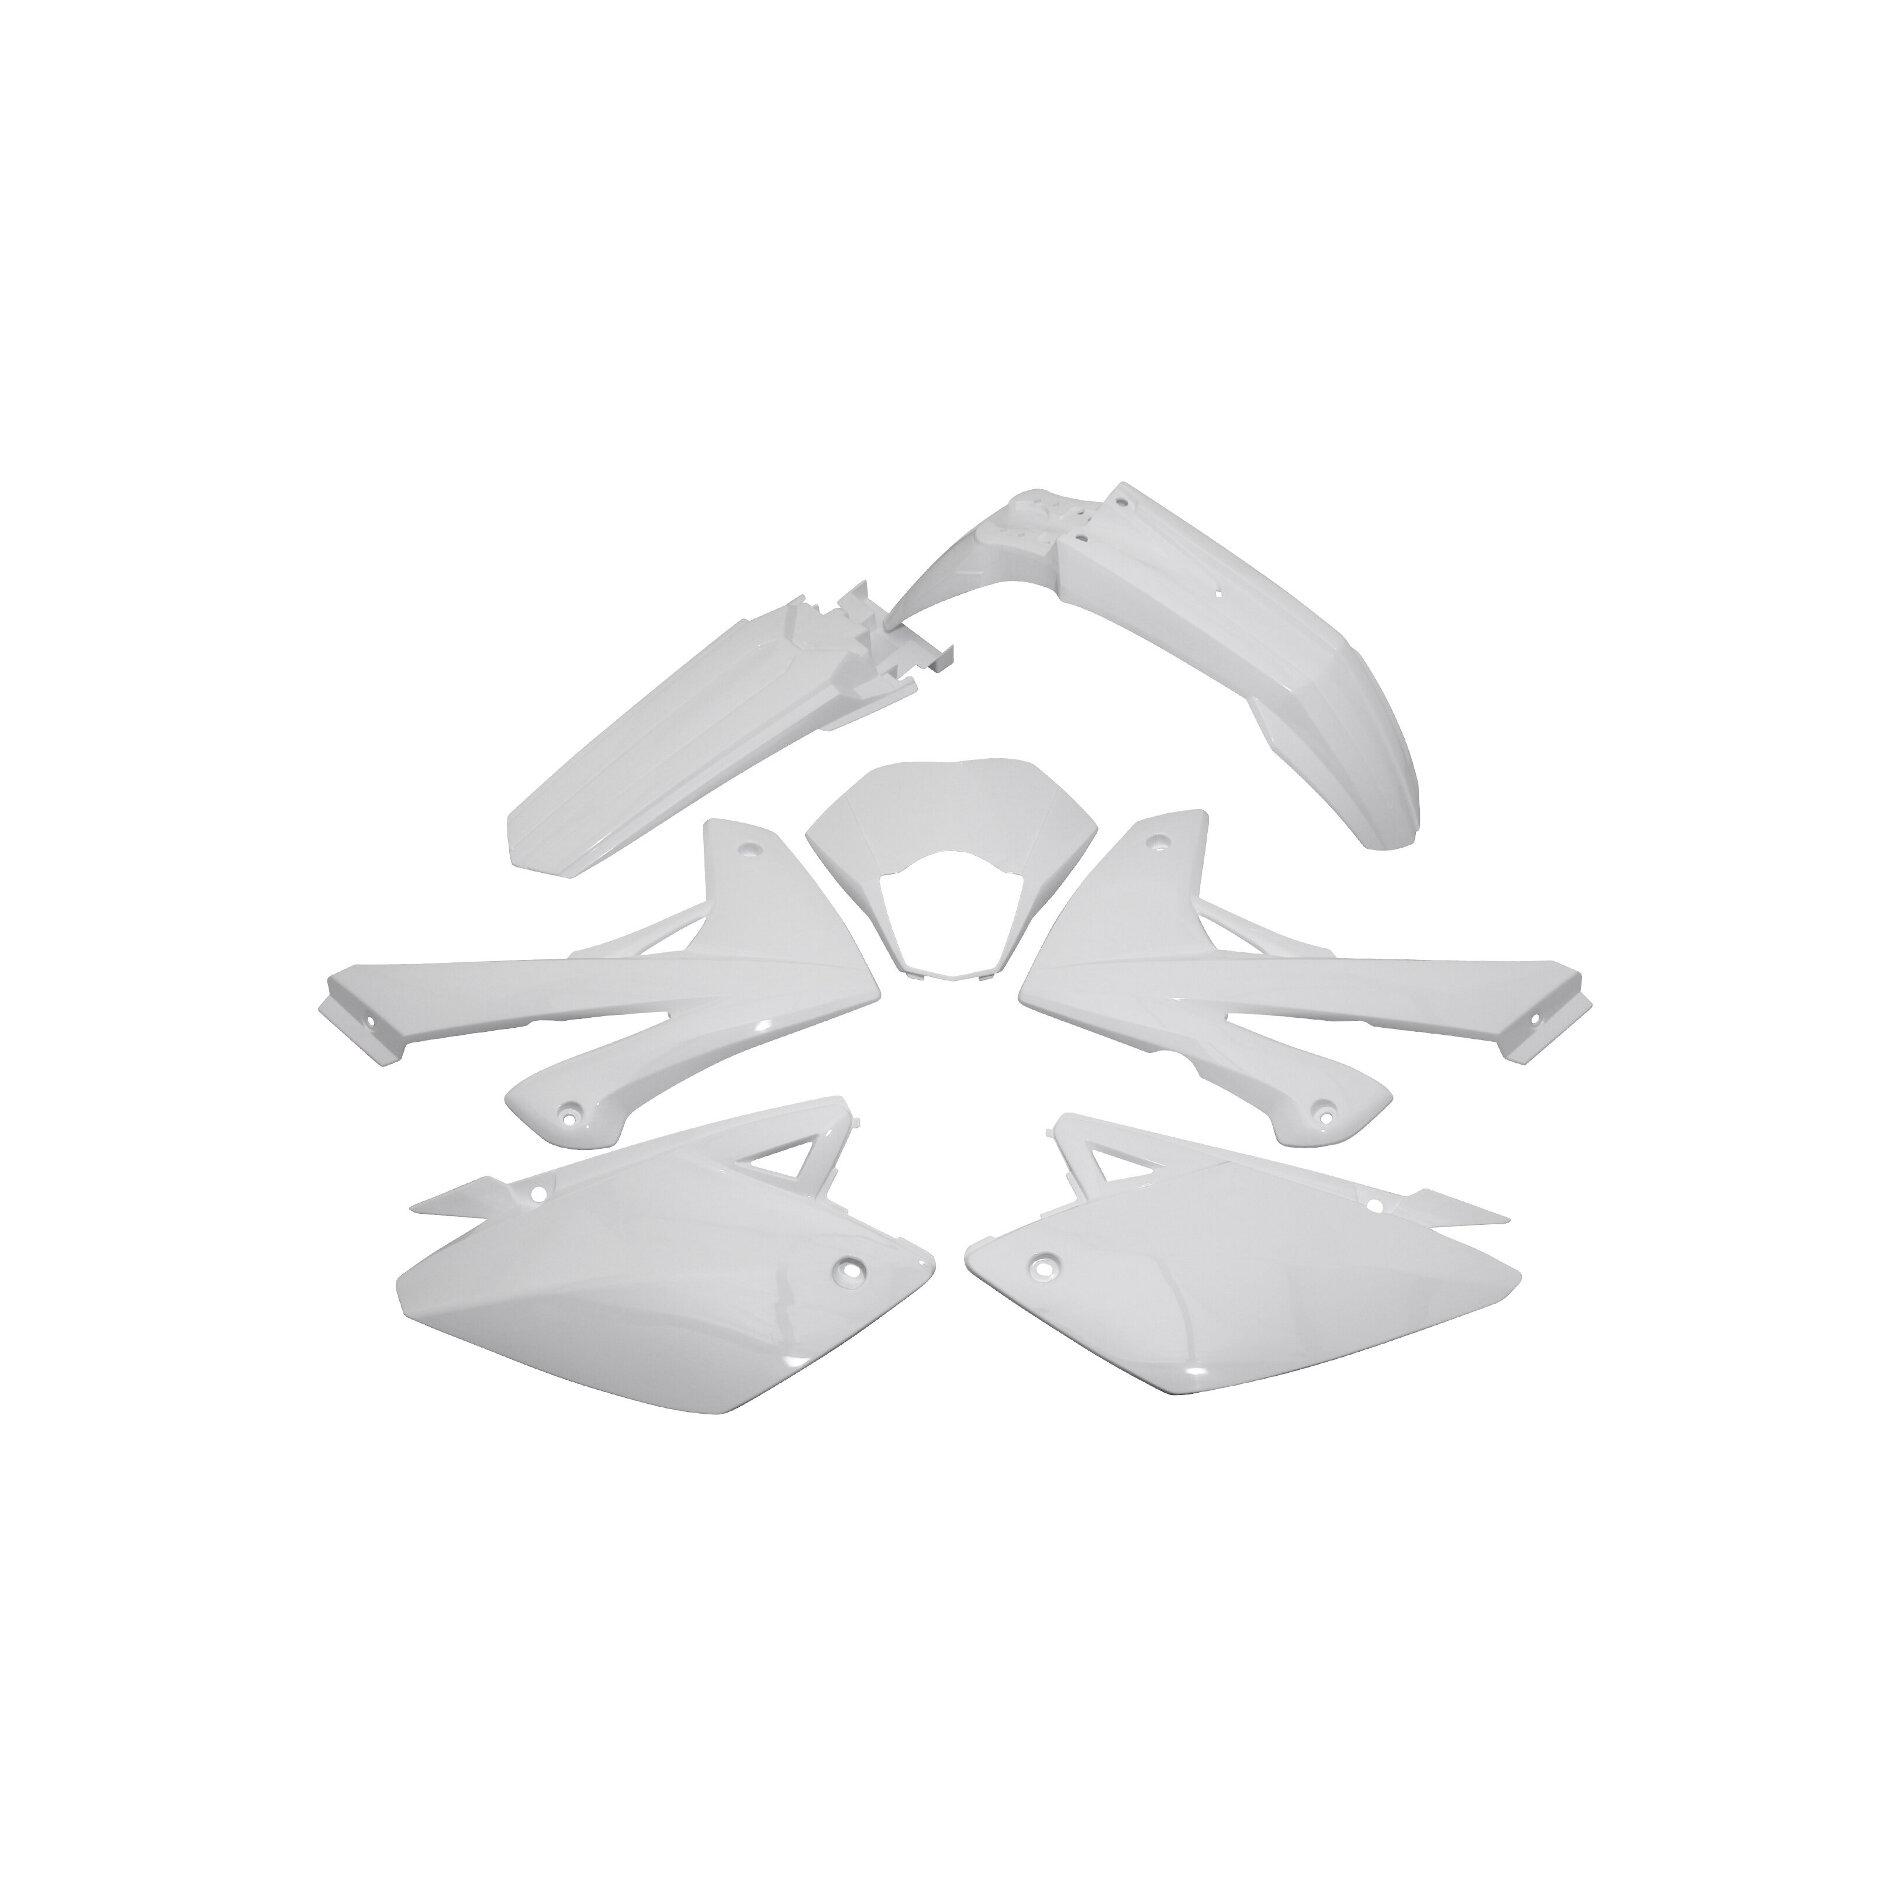 Kit carénage Rieju 50 MRT / MRT Pro 09- blanc brillant